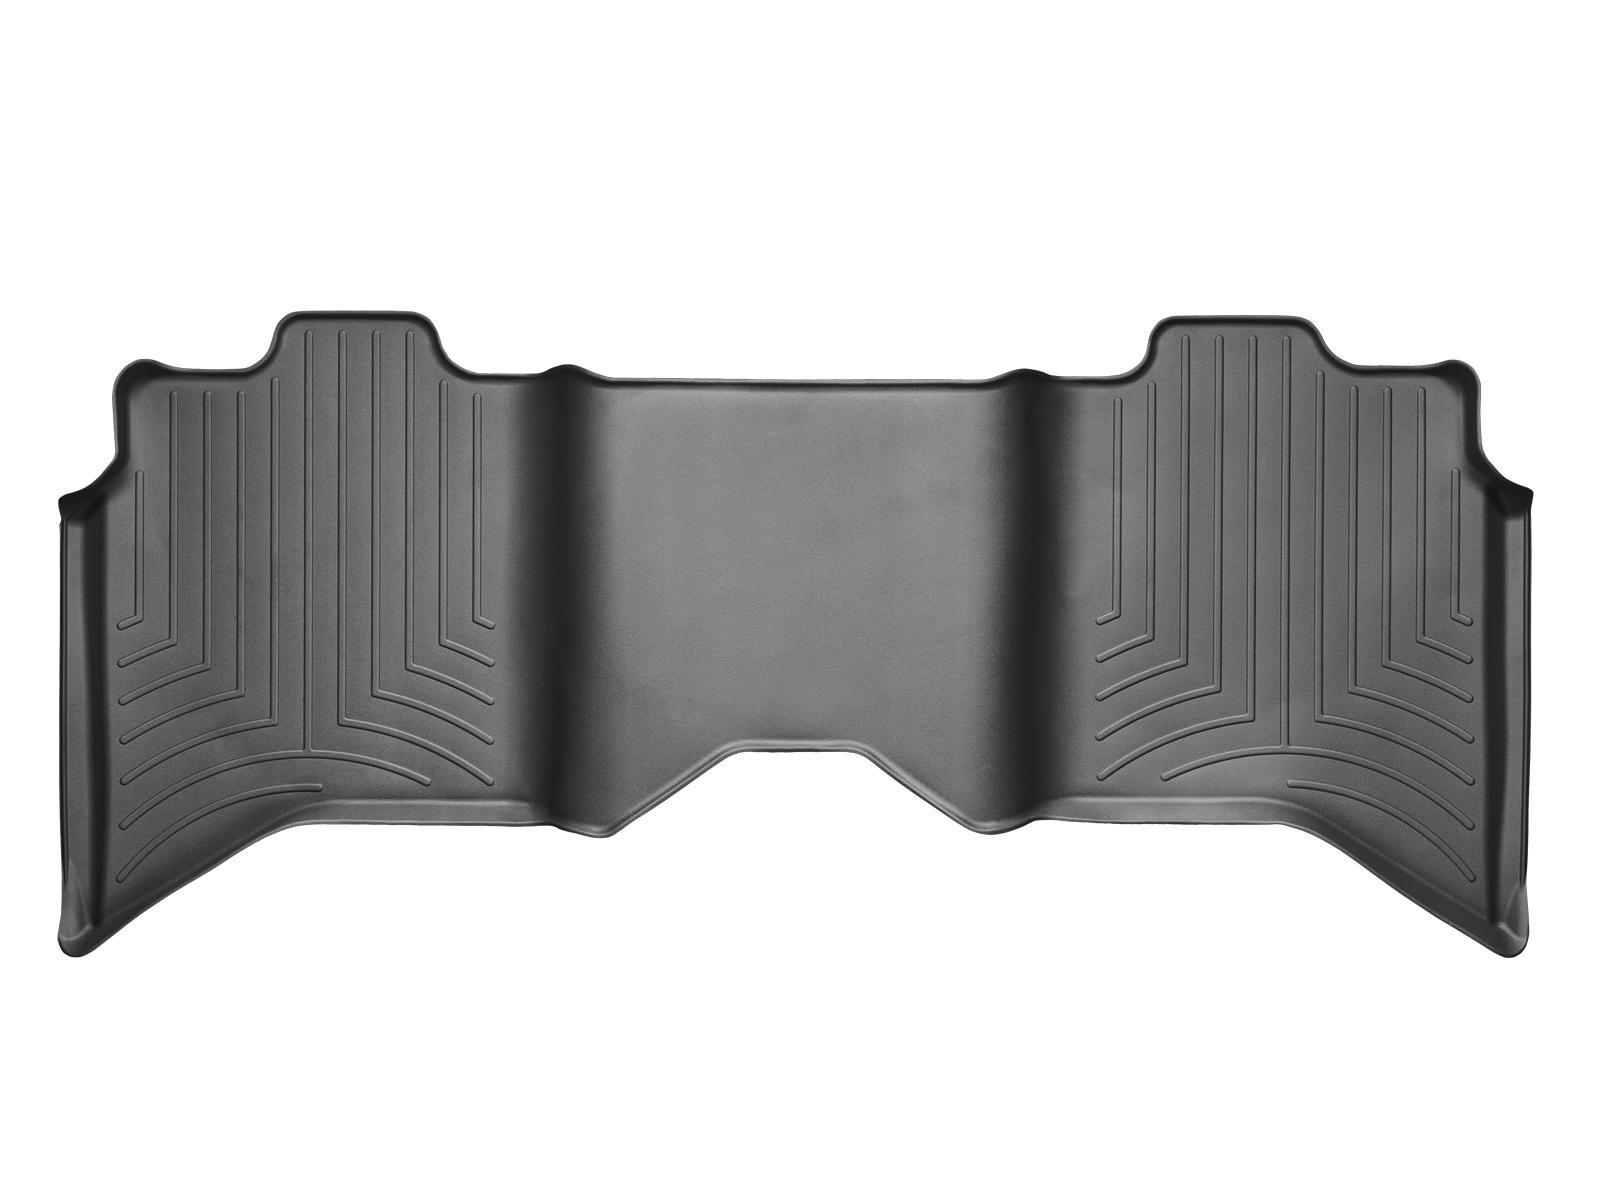 Tappeti gomma su misura bordo alto RAM Ram 2500/3500 10>11 Nero A3208